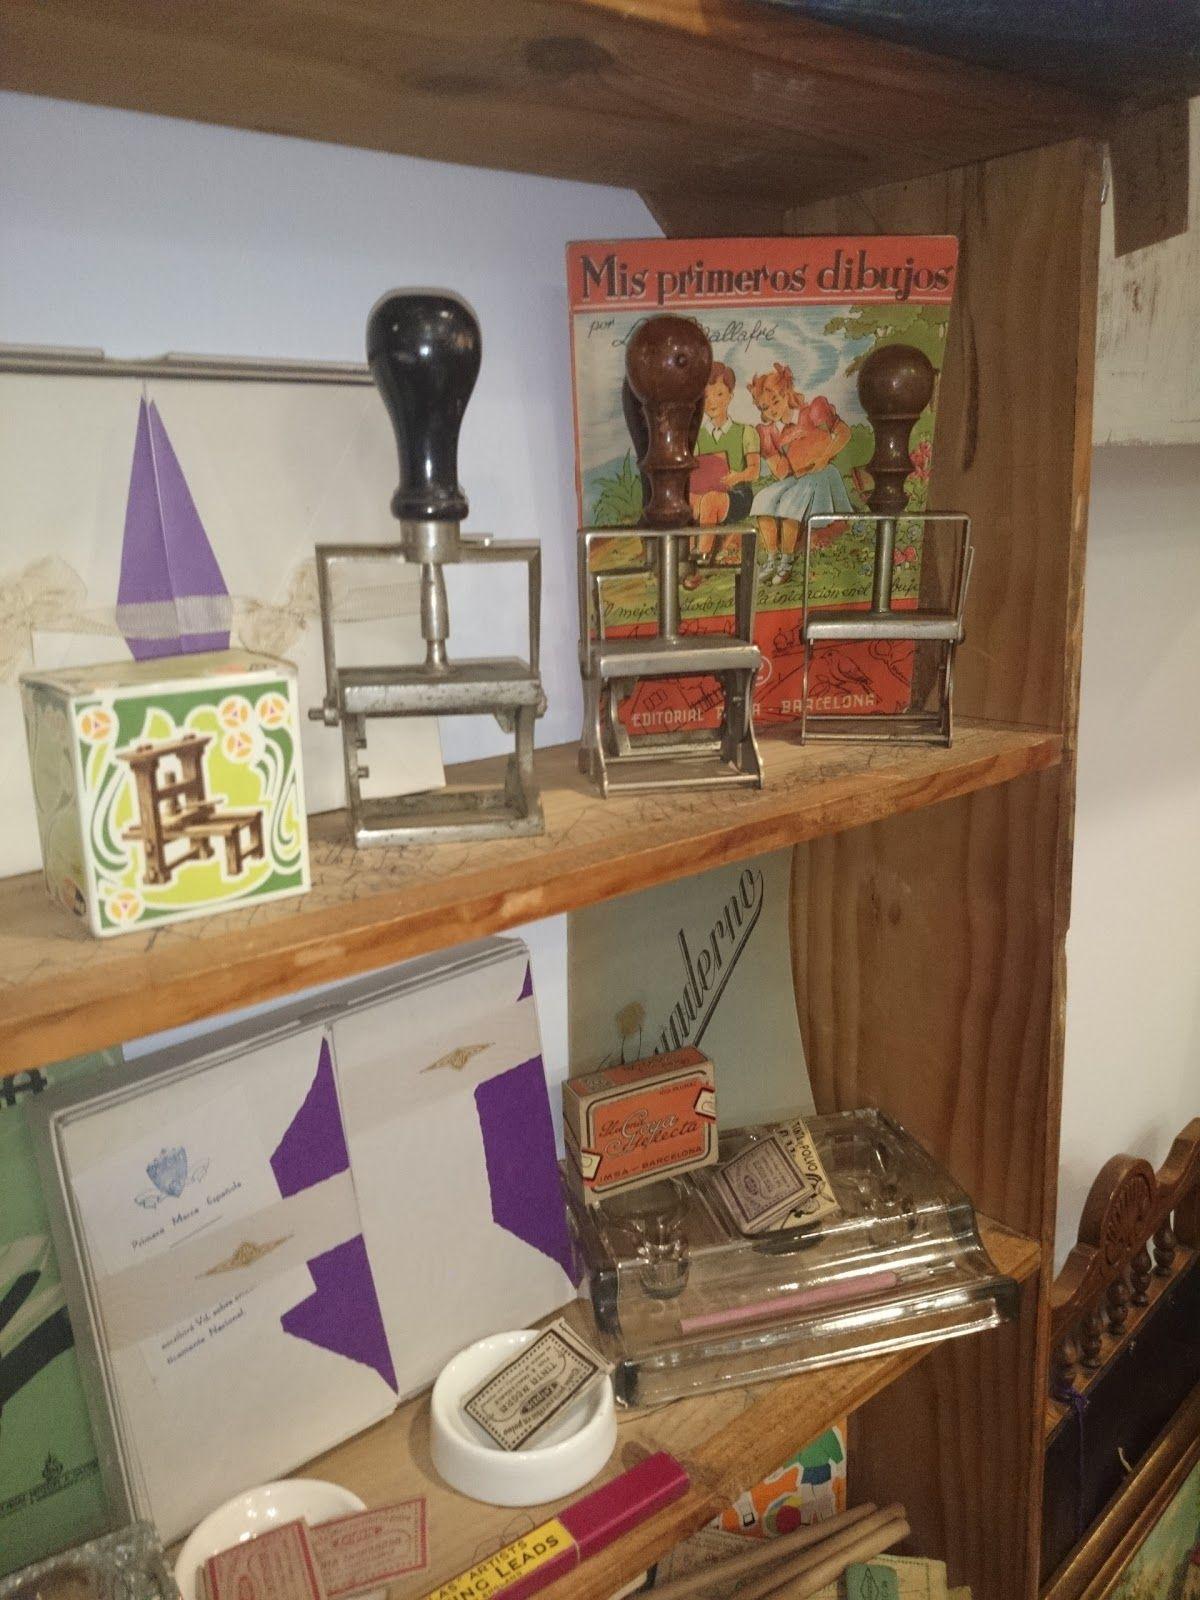 Muebles y objetos vintage reciclado de mobiliario vintage living lluch material vintage d - Decoracion vintage reciclado ...